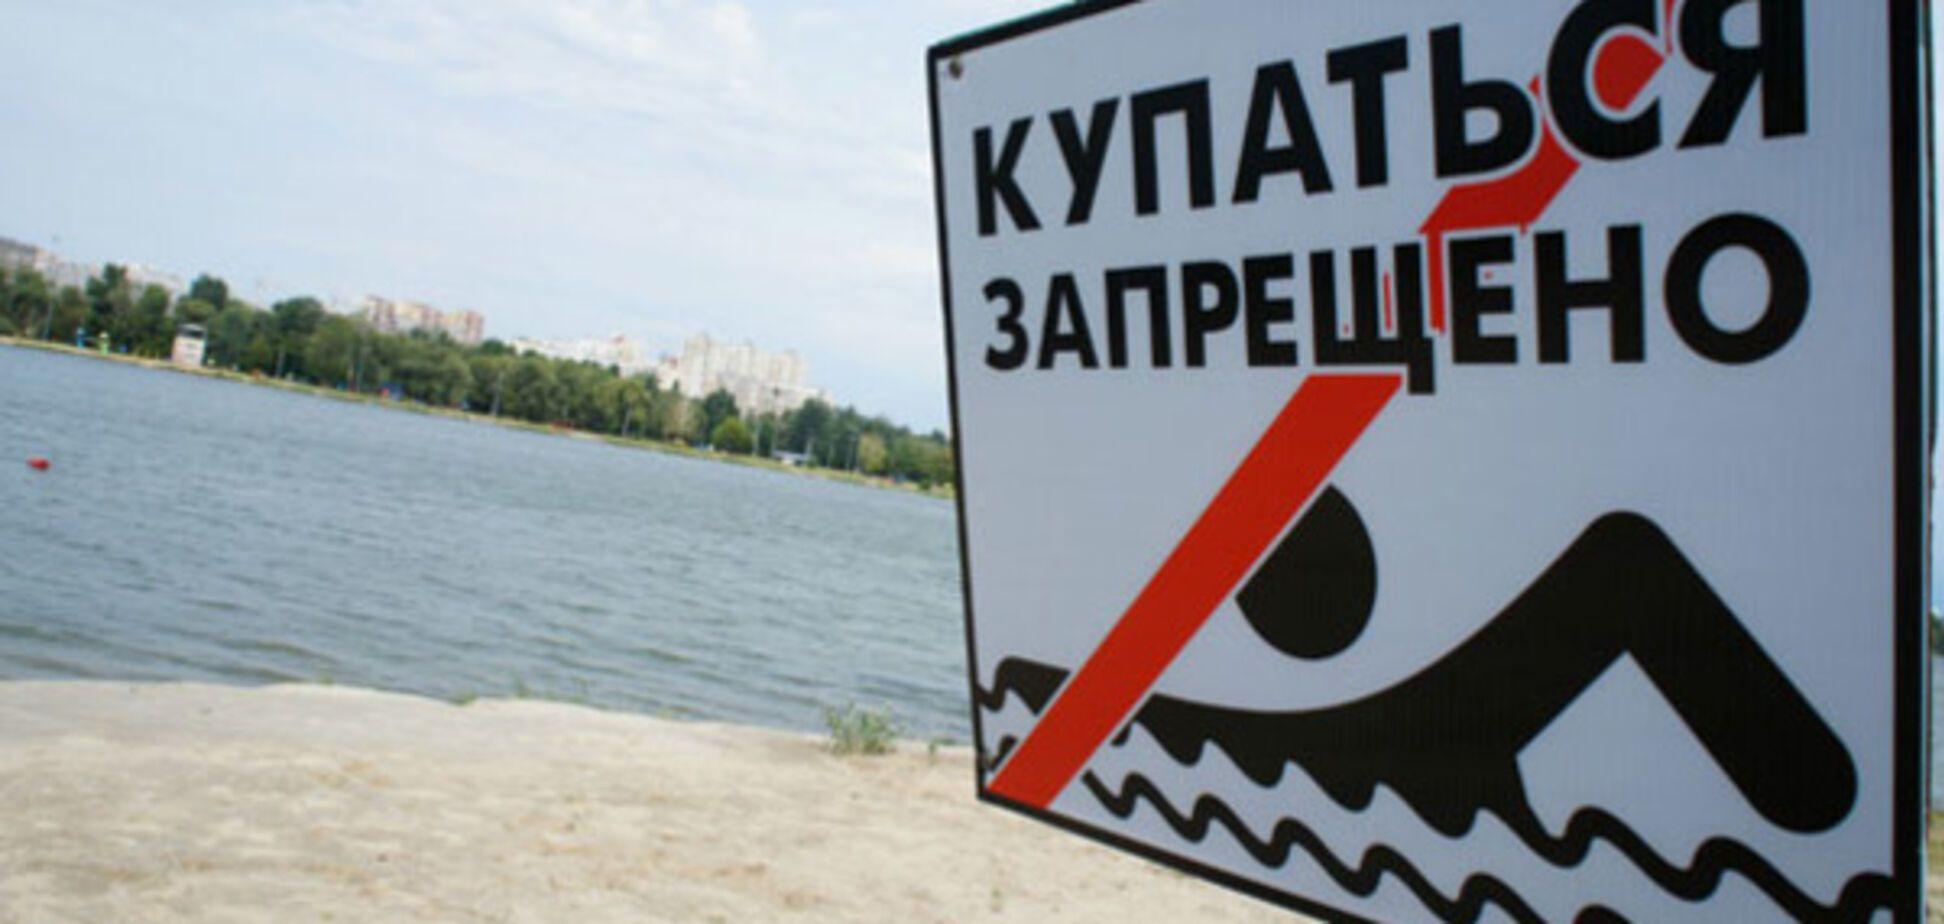 Купаться запрещено! Названы самые опасные водоемы Украины